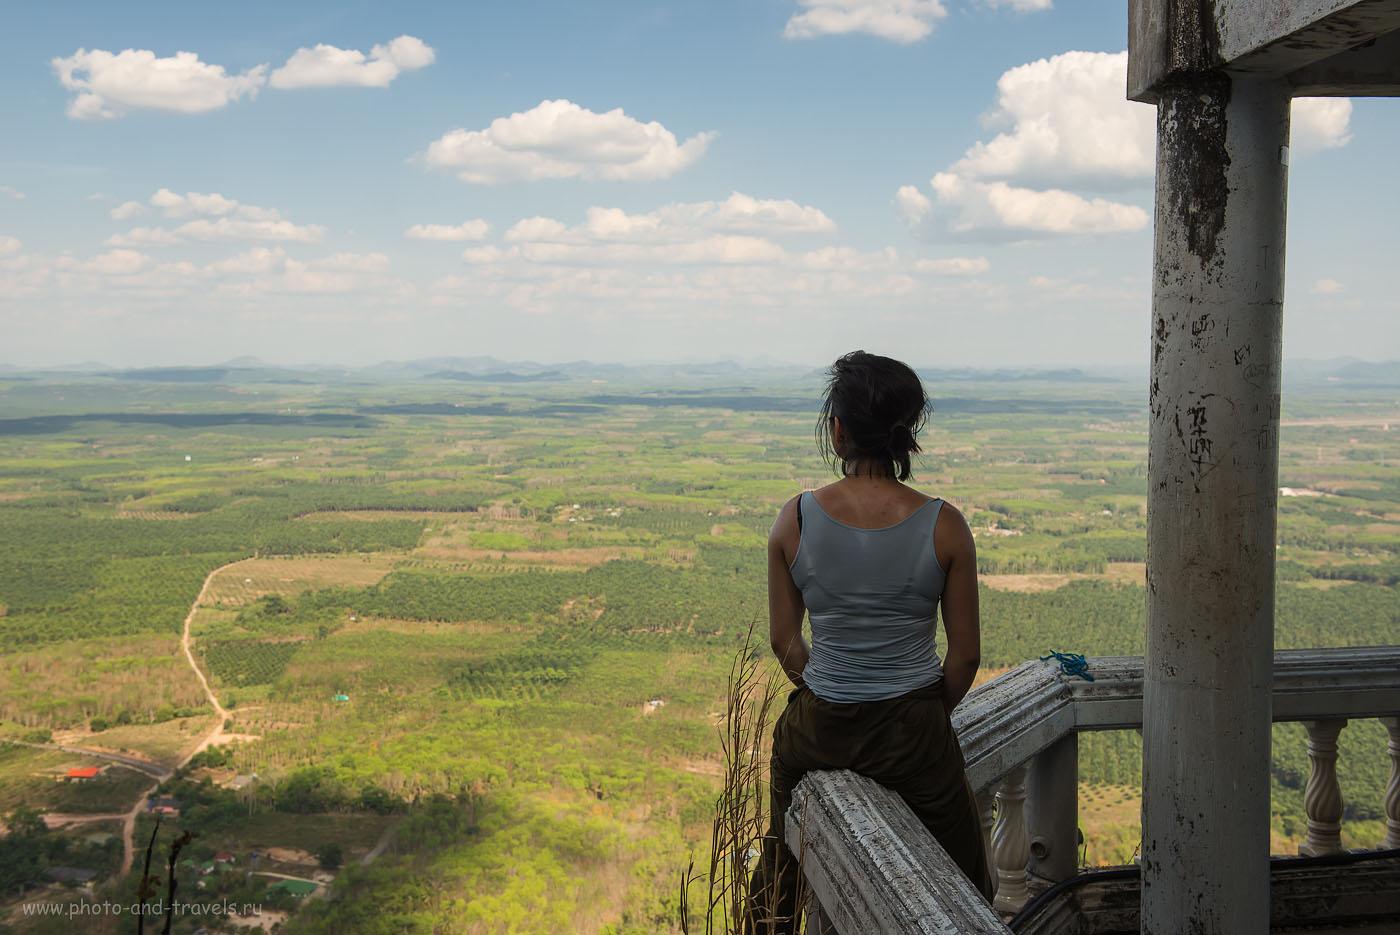 Фото 15. Провинция Краби в Таиланде. Хочется медитировать во время отдыха (100, 38, 8.0, 1/125)